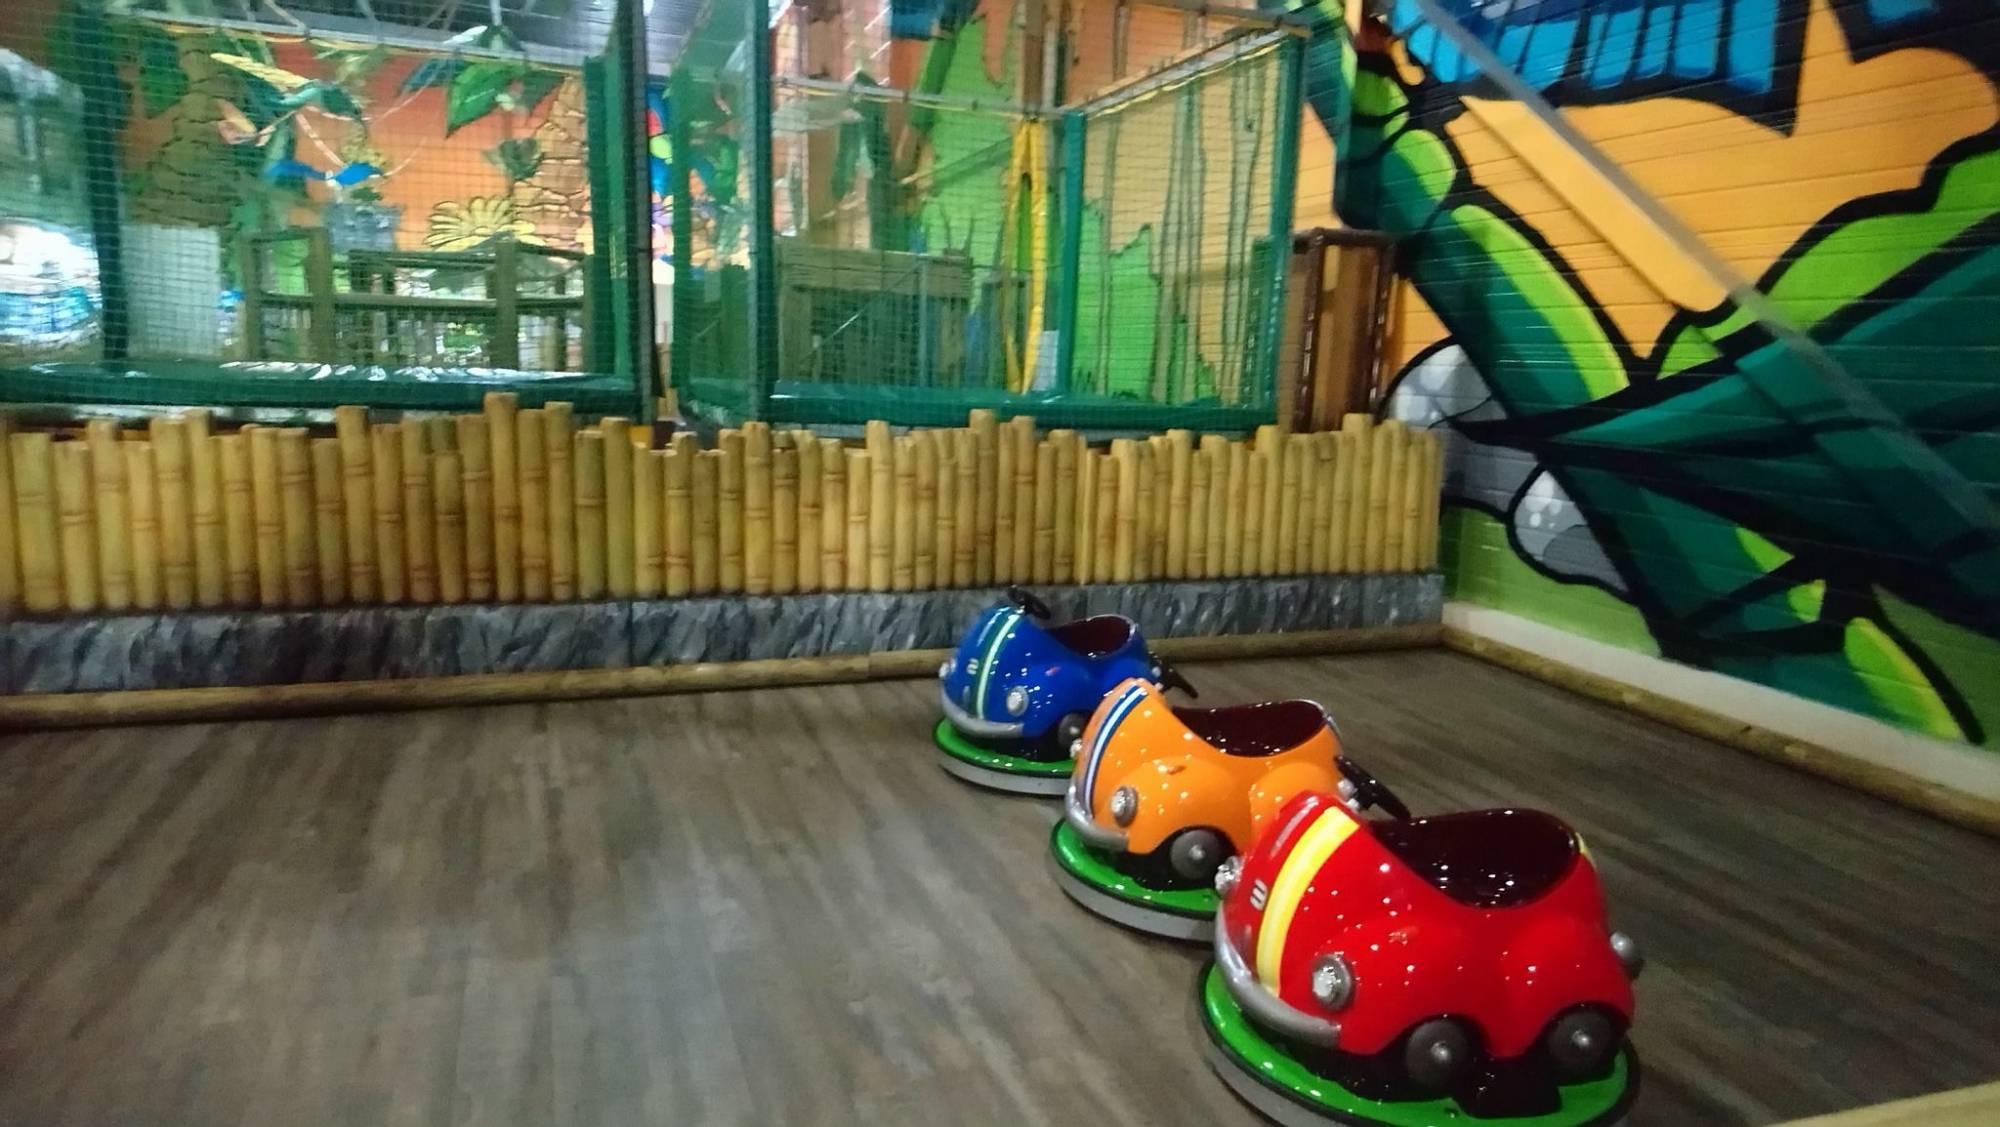 Parc De Jeux Pour Enfants Marseille - Montopoto à Jeux Pour Enfan